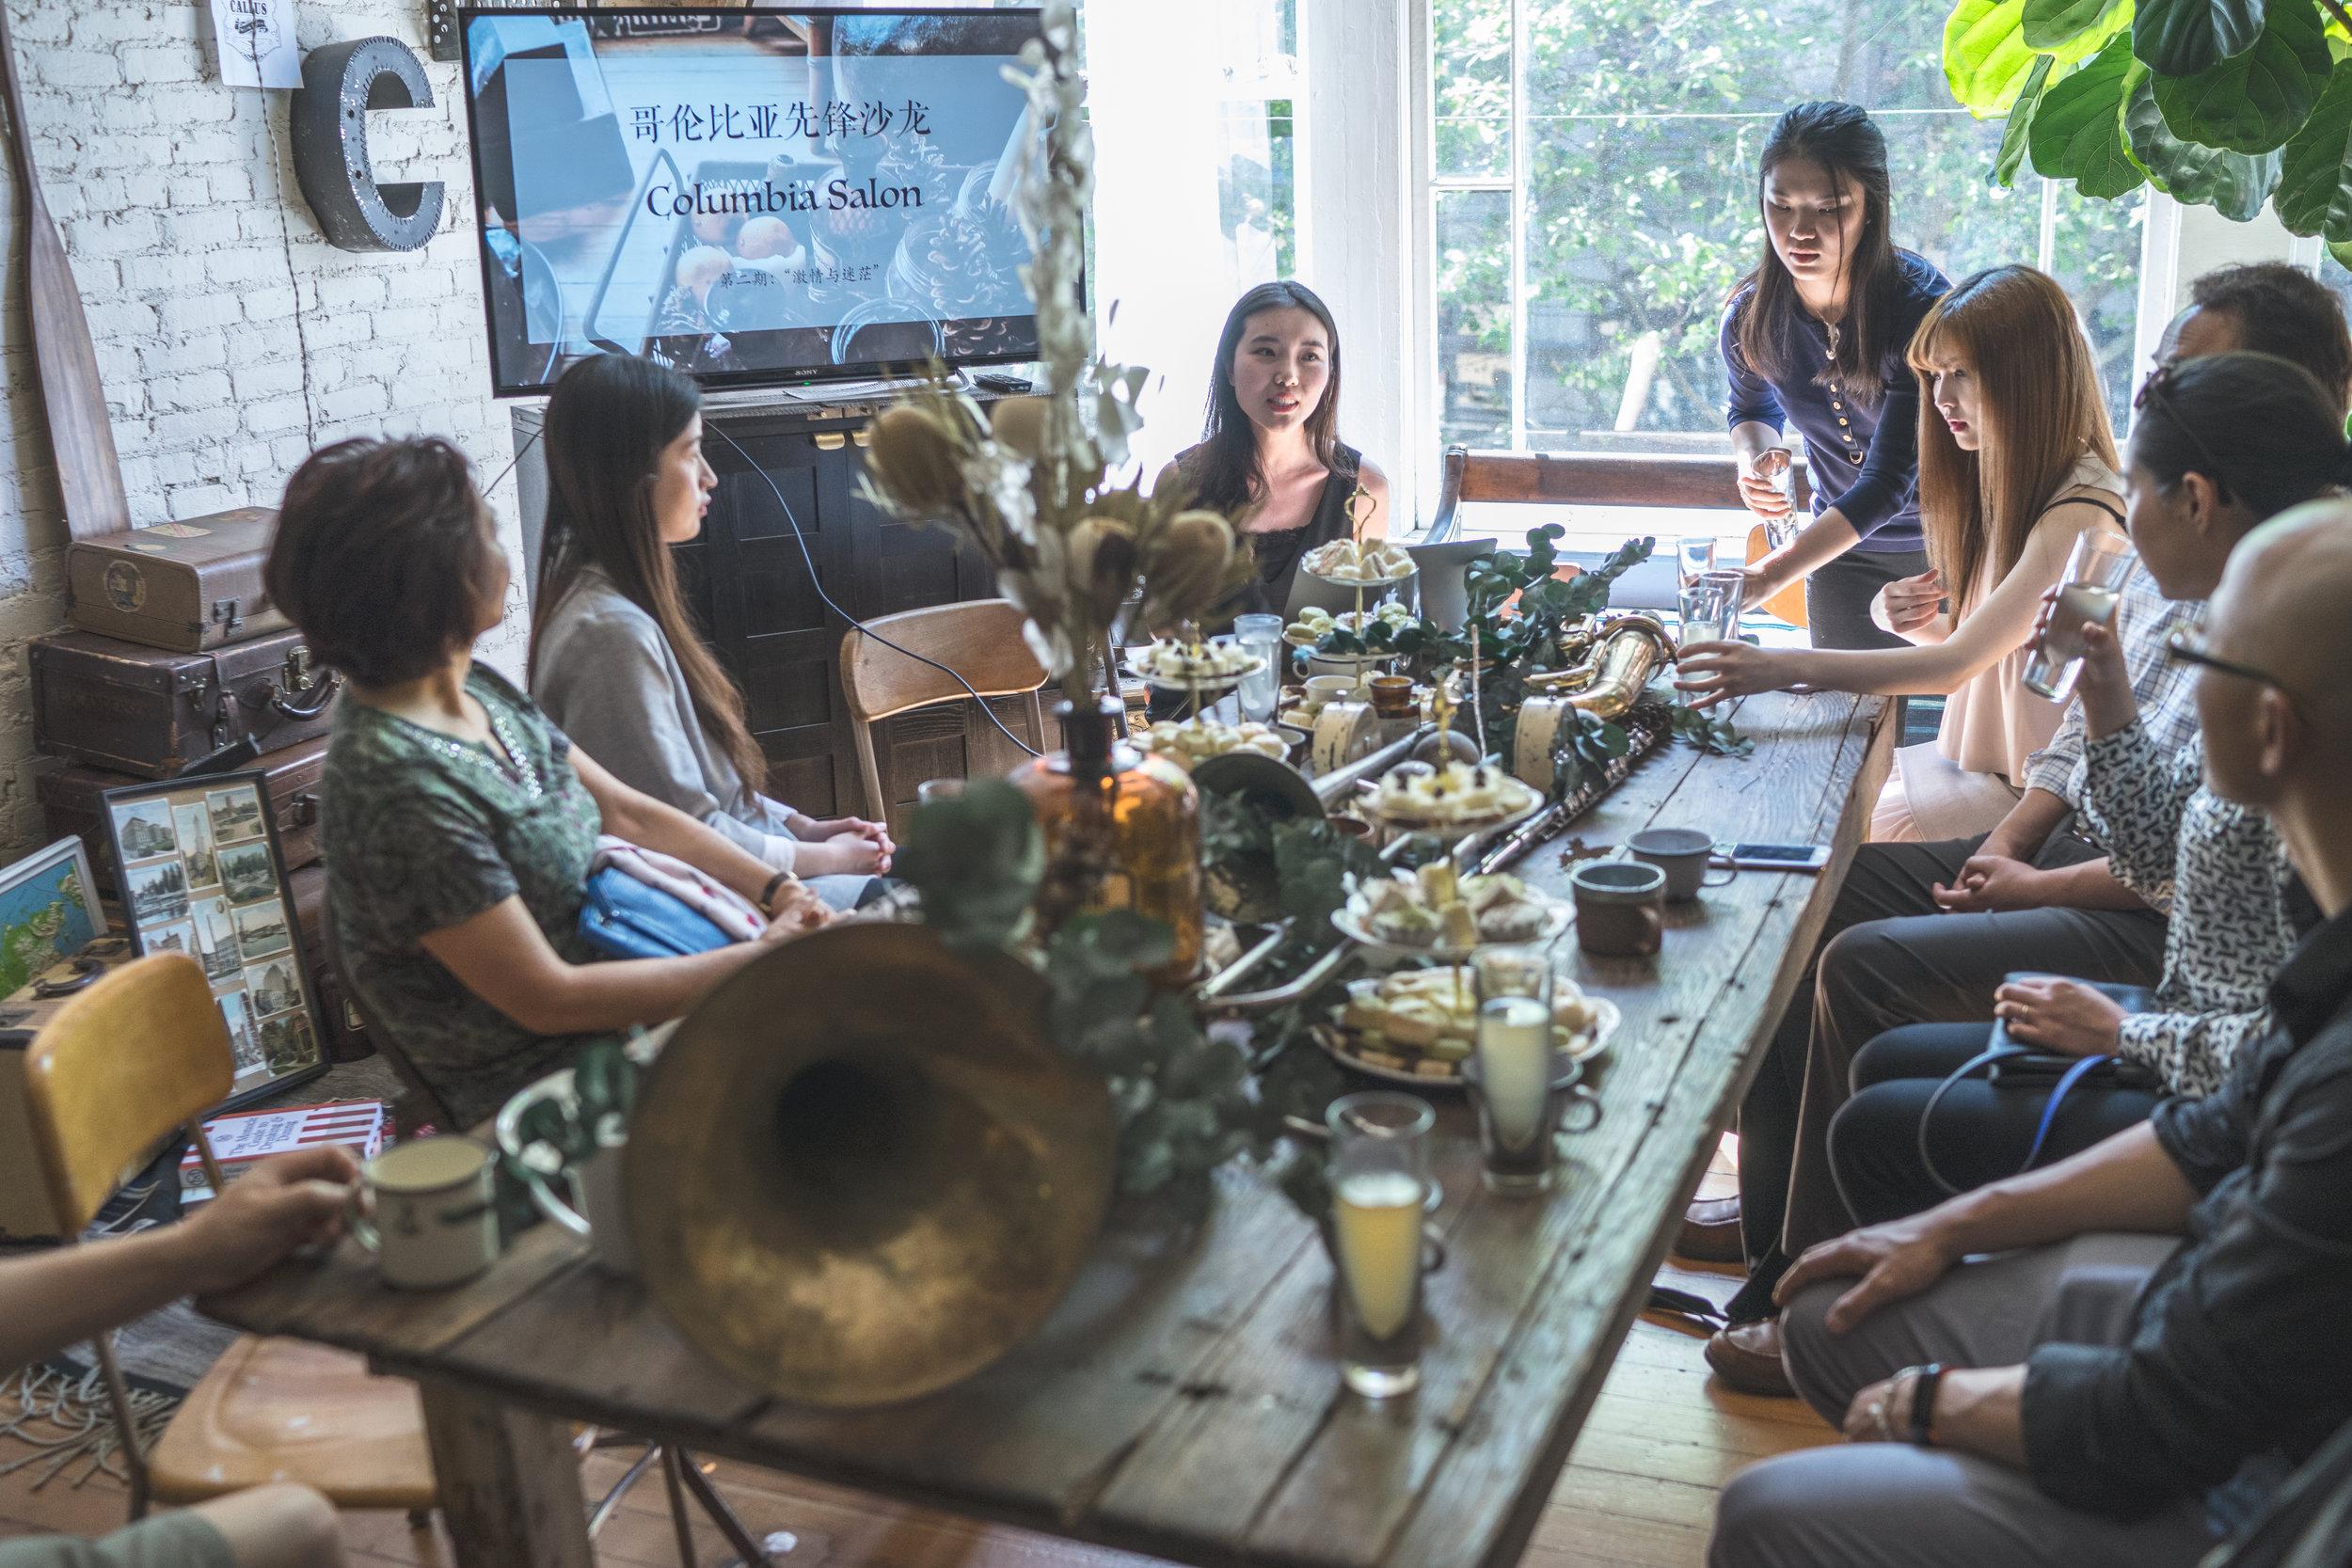 哥伦比亚先锋沙龙 - 哥伦比亚先锋沙龙主要以艺术和文化为主题,邀请相关领域的专家进行内容分享,营造轻松愉快的活动氛围。我们希望加强PNU联盟成员之间的粘性,提供环境良好的社交场所,帮助PNU增加人气,扩大人际网络,增进关系。